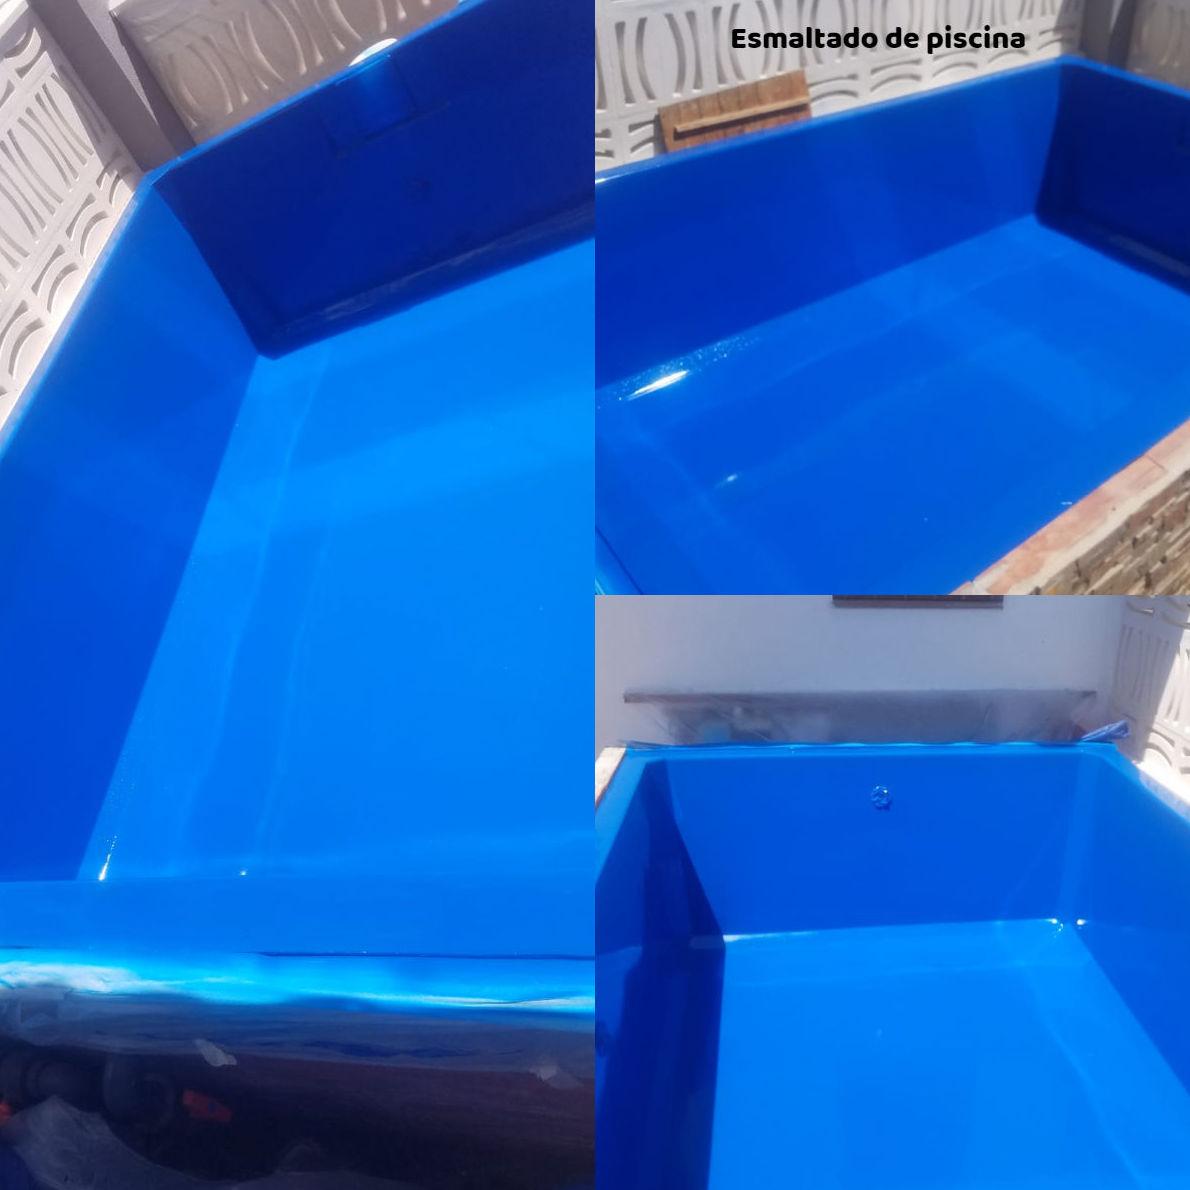 esmaltado de piscina